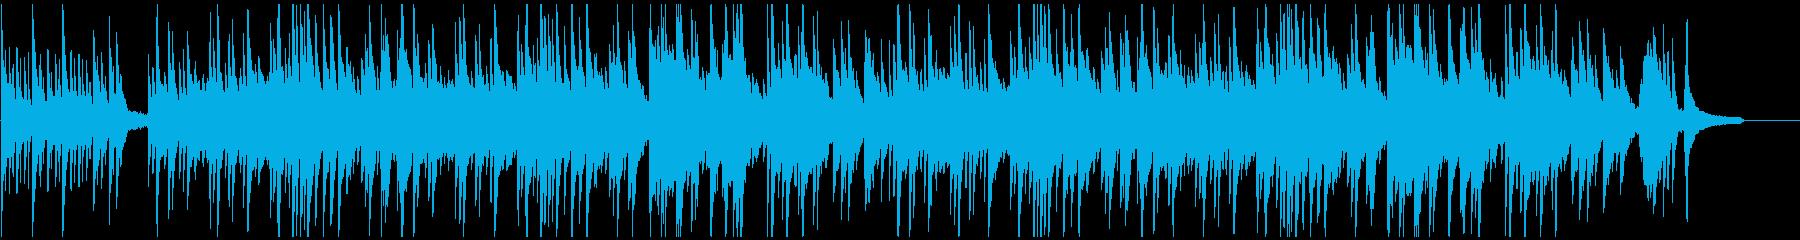 暗く悲しいイメージのピアノヒーリング曲の再生済みの波形